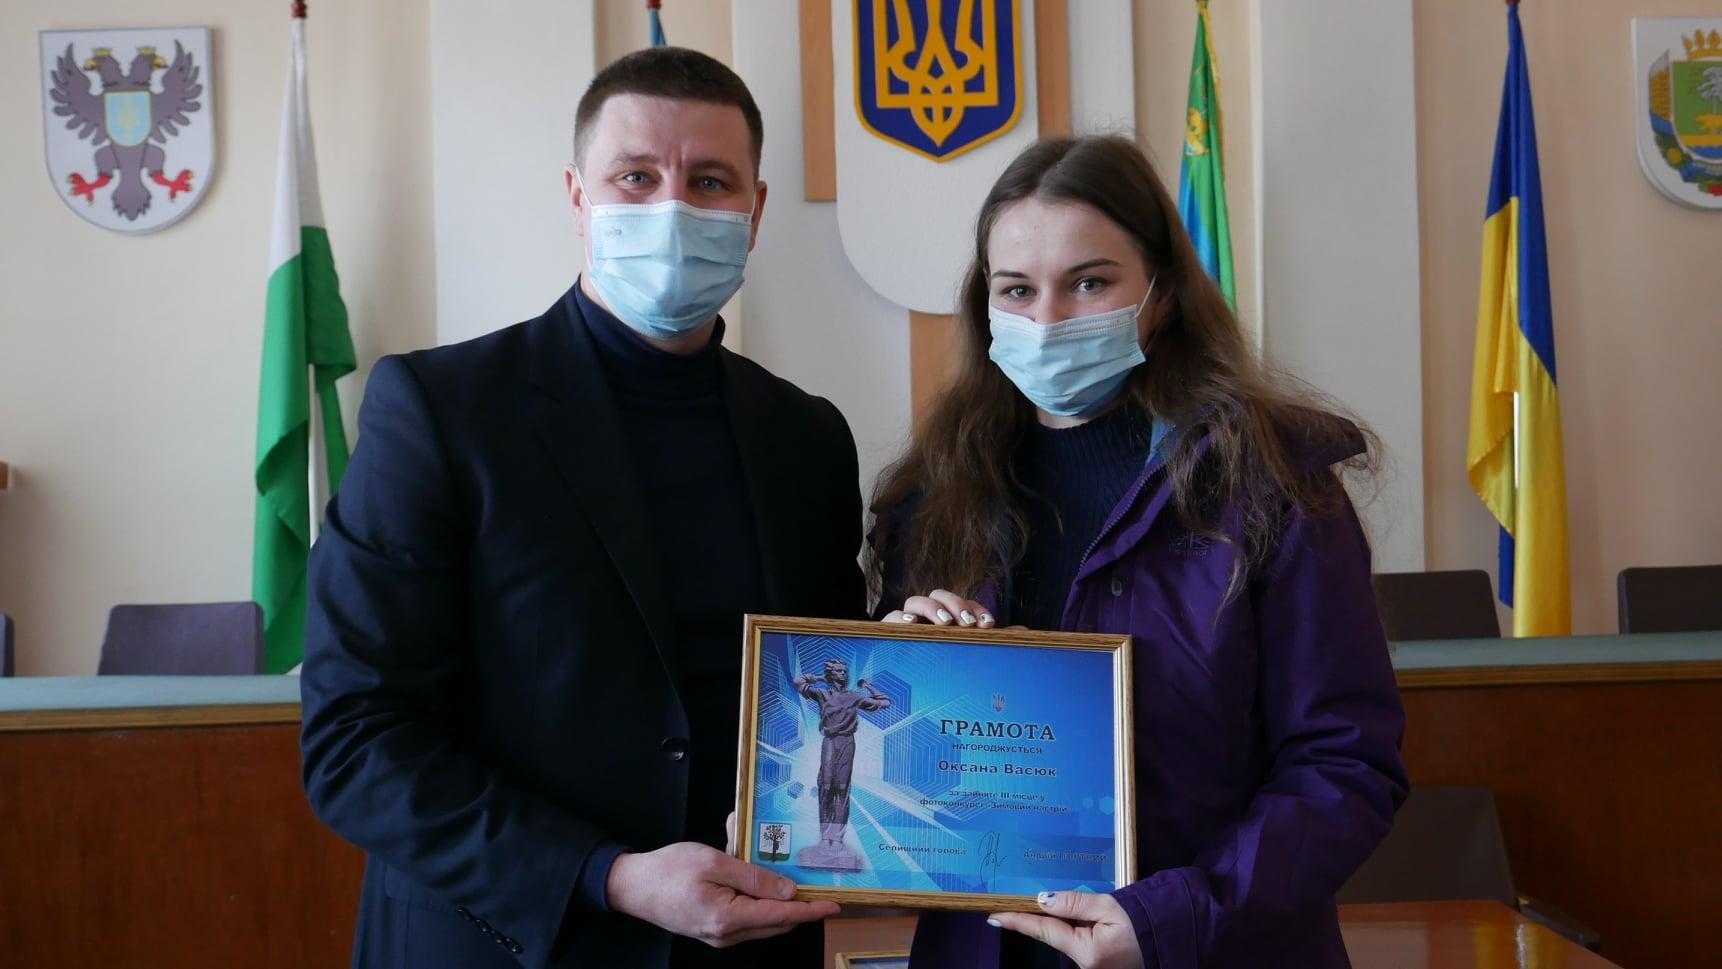 У Сосниці нагородили переможців фотоконкурсу, оголошеного селищною радою (Фото)